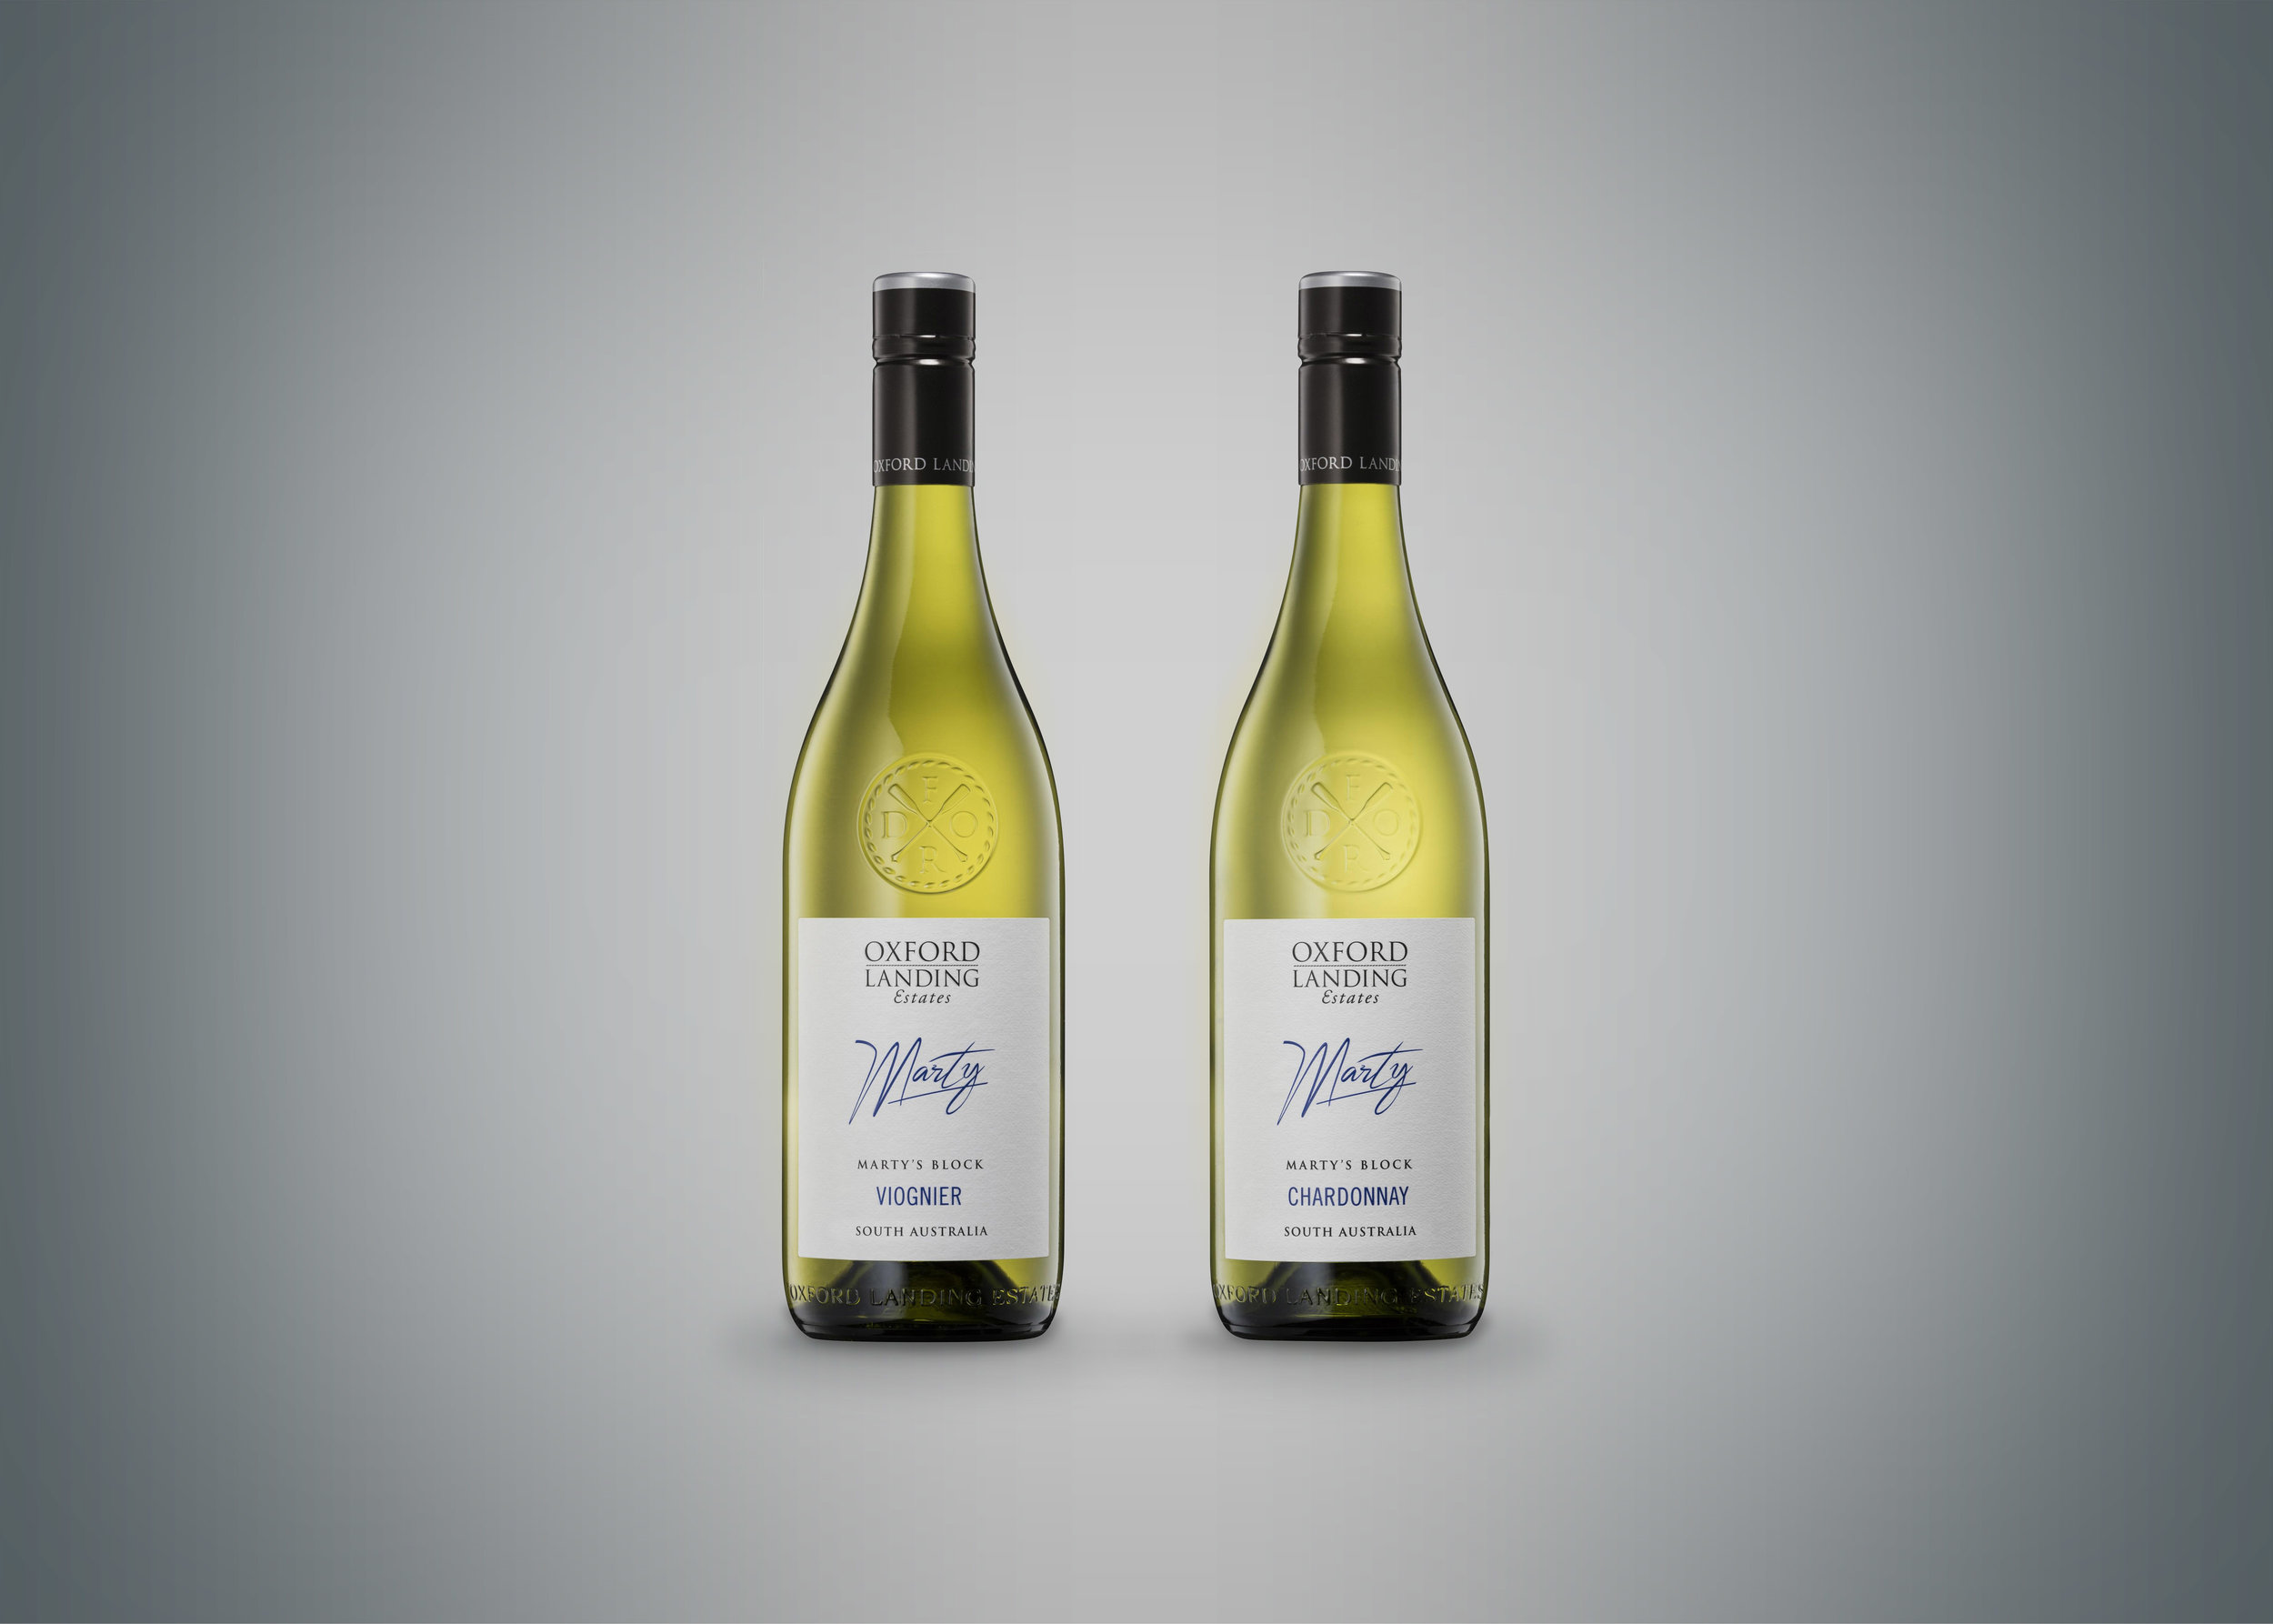 Oxford Landing white bottle shot colour .jpg